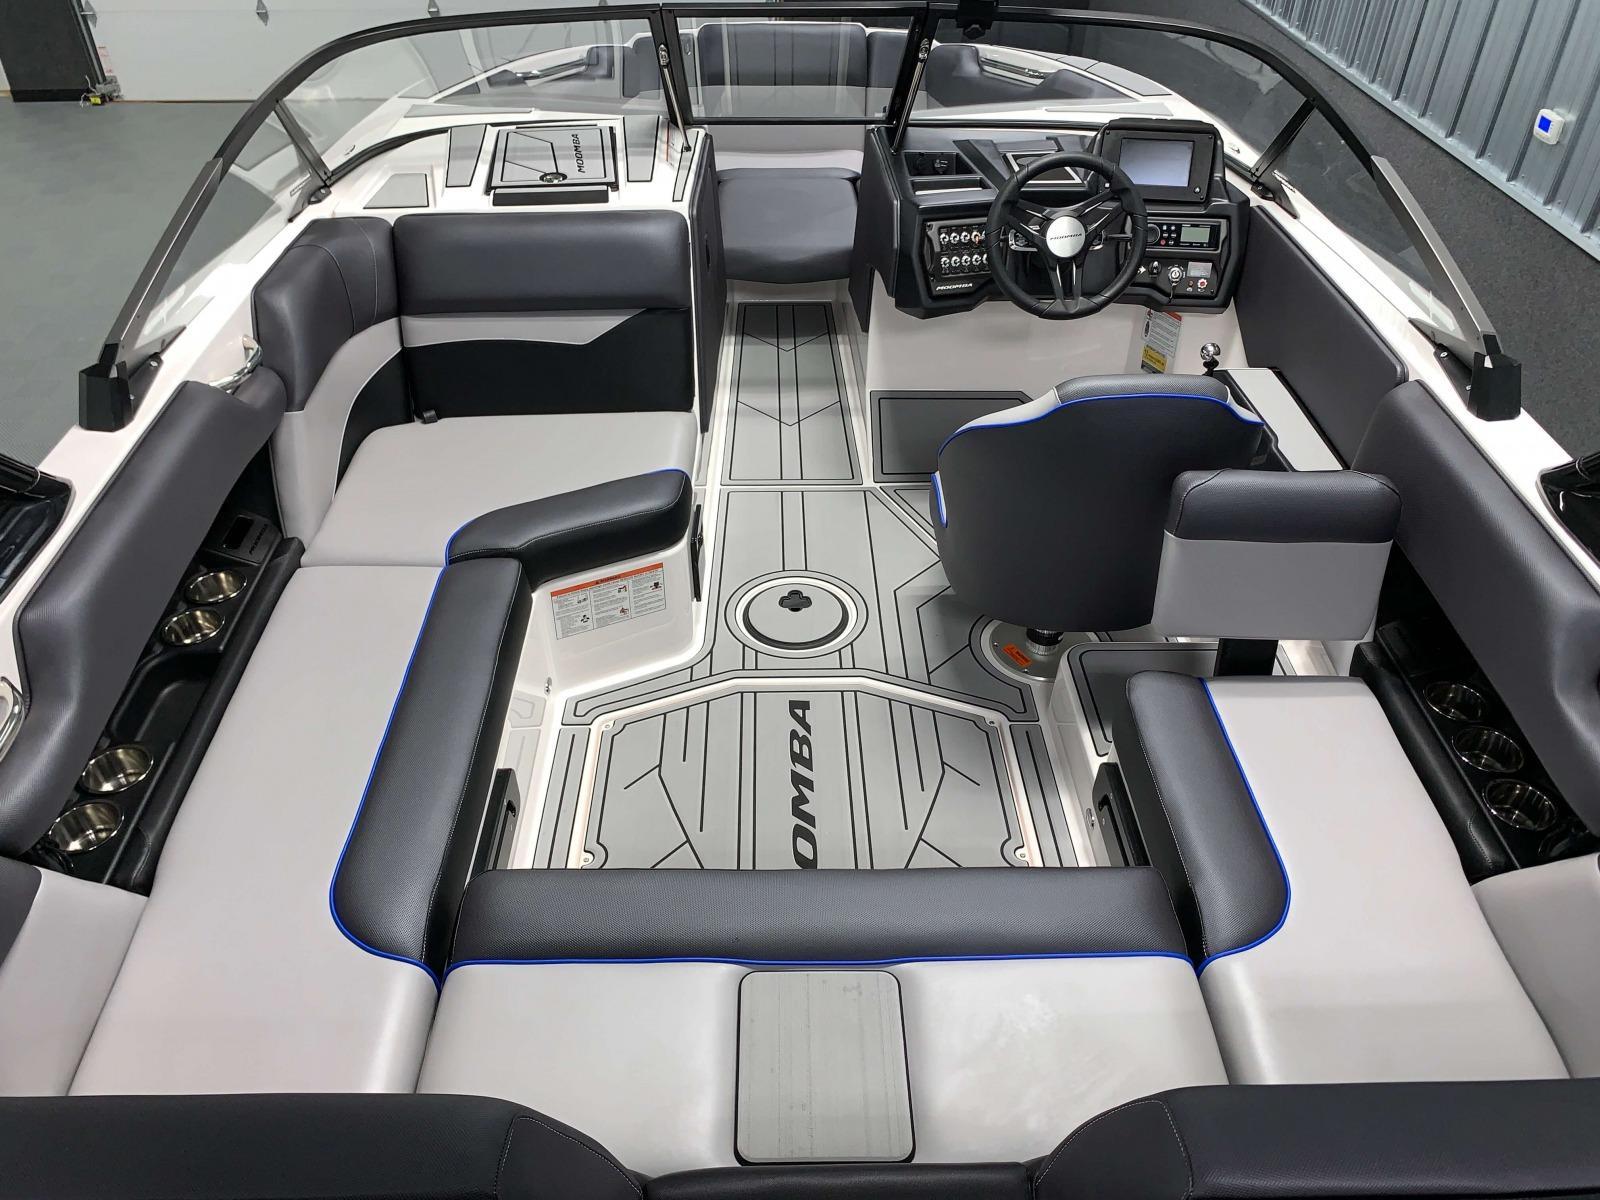 Interior Layout of the 2021 Moomba Mondo Wake Boat